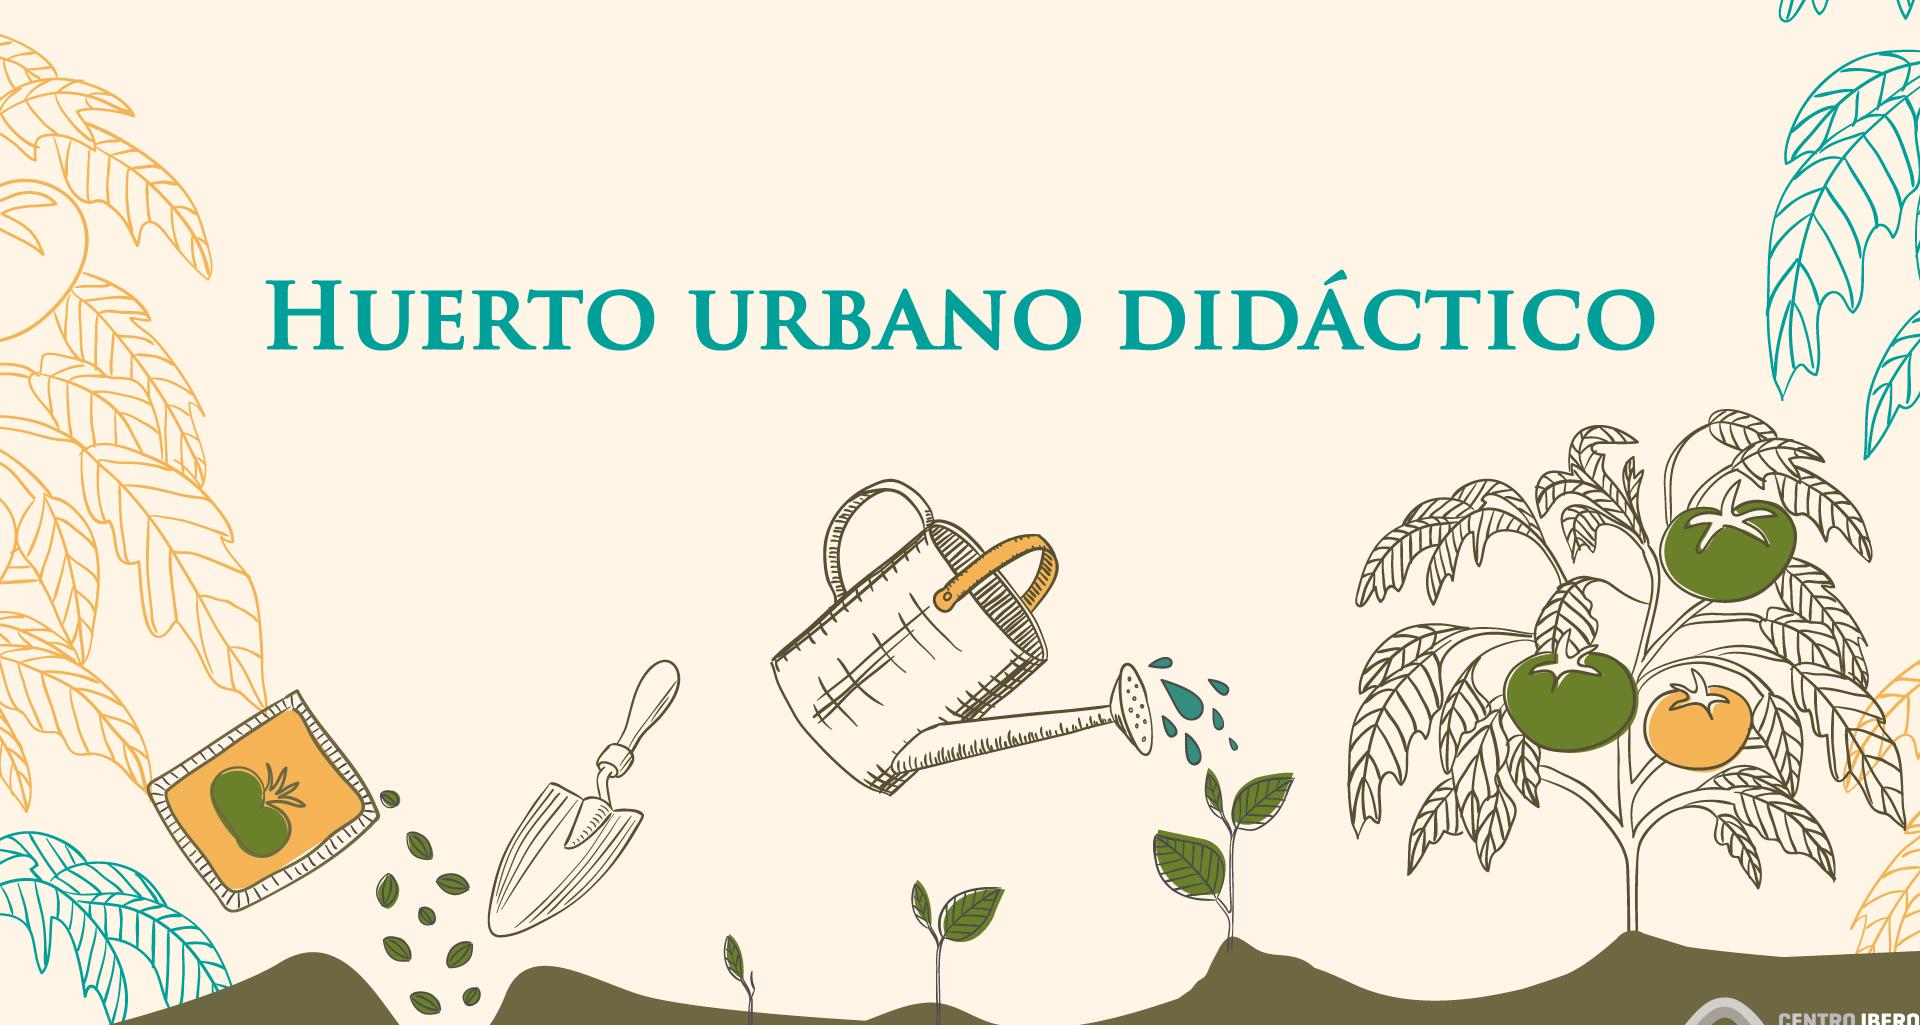 Huerto Urbano Didáctico